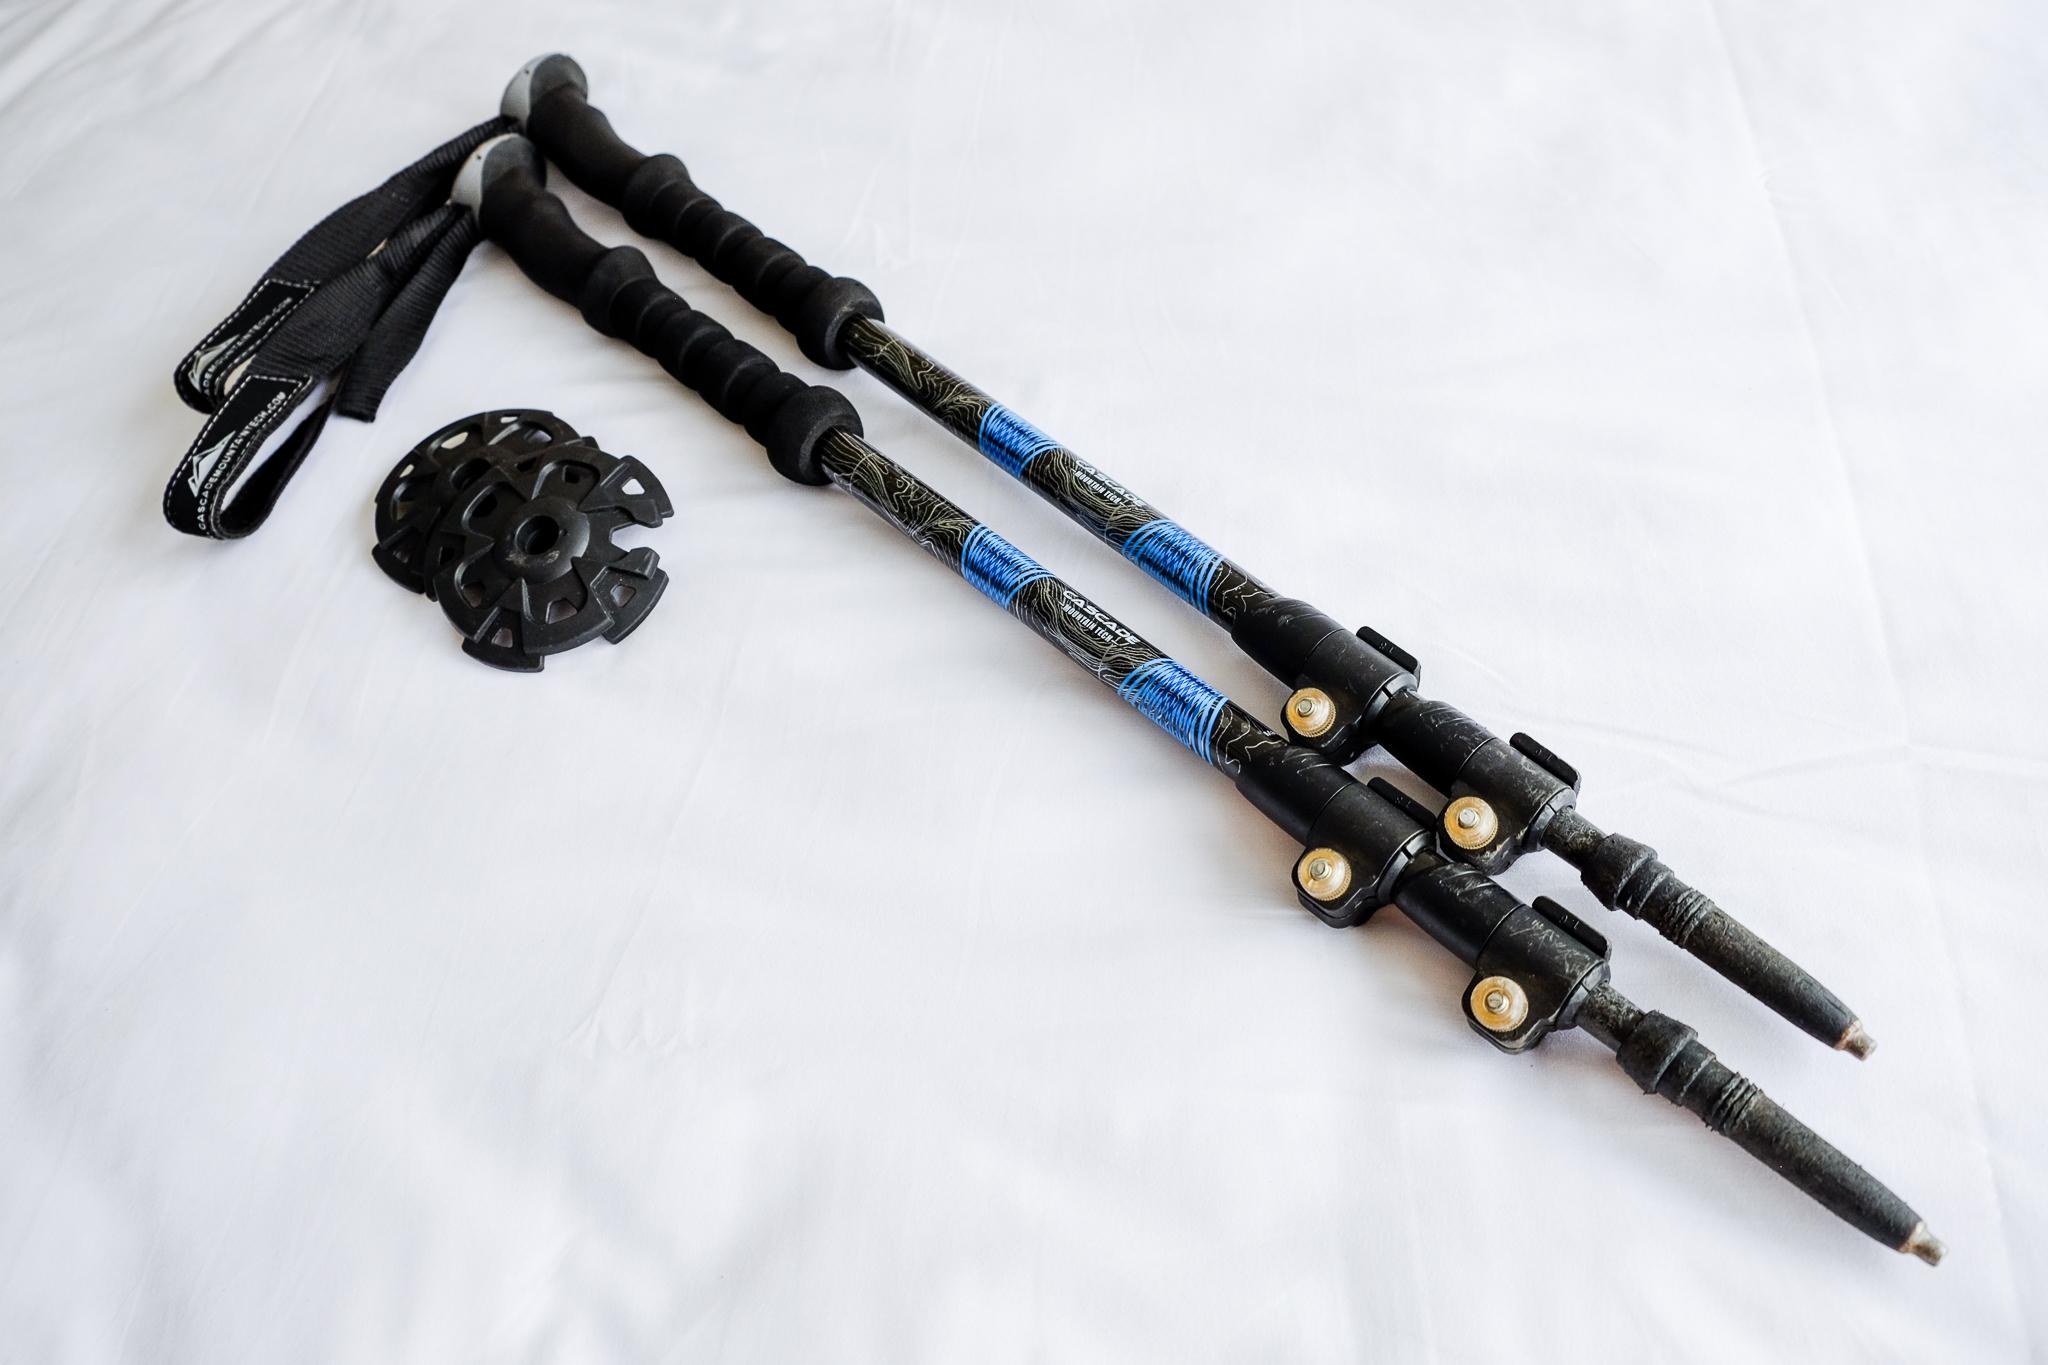 Cascade Mountain Tech Carbon Fibre Trekking Poles with snow basket attachments